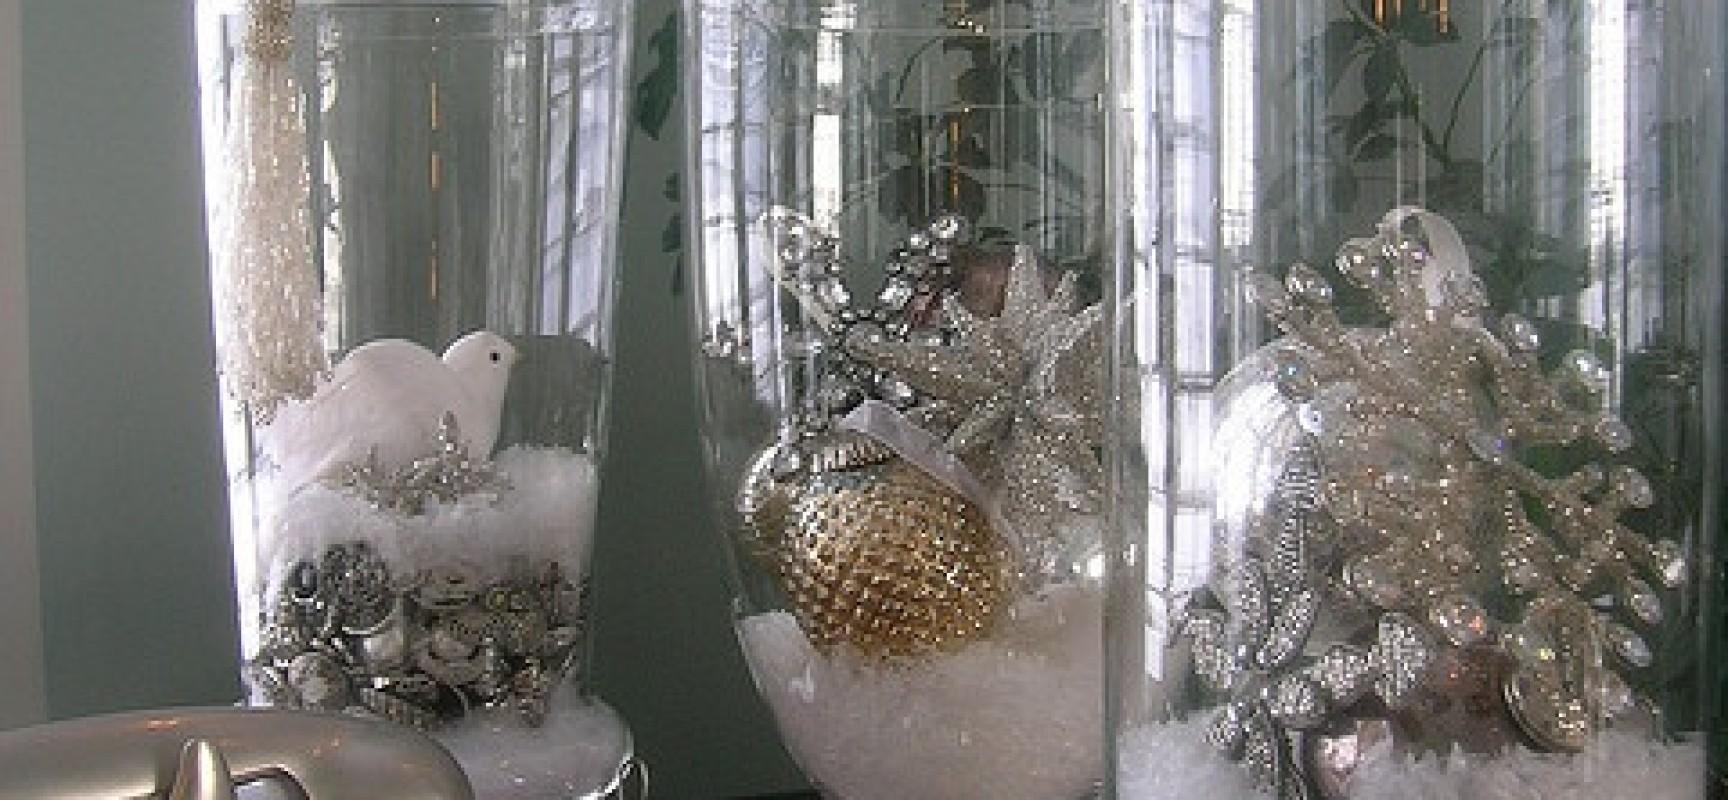 Decoracion para navidad en color beige y dorado curso de for Decoracion de adornos navidenos